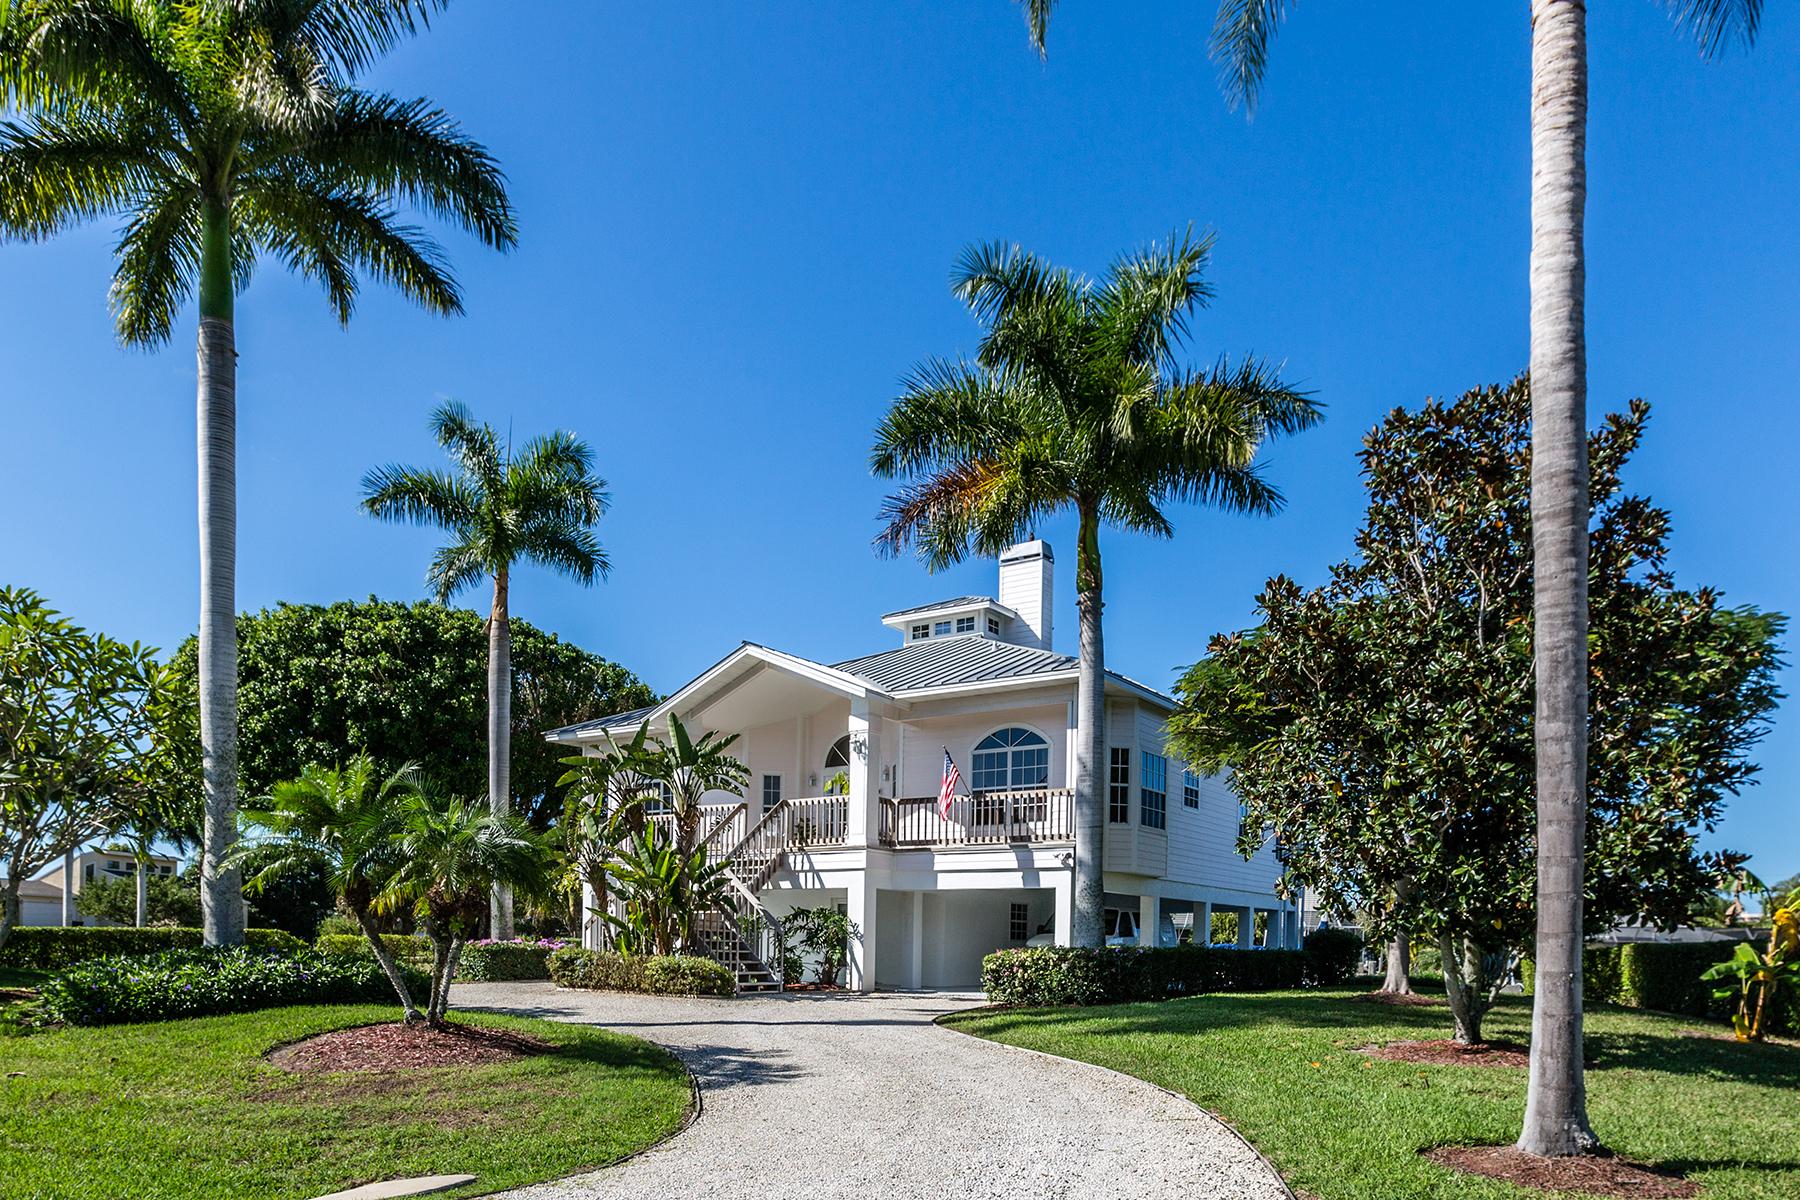 Villa per Vendita alle ore MARCO ISLAND 1064 Gayer Way Marco Island, Florida, 34145 Stati Uniti